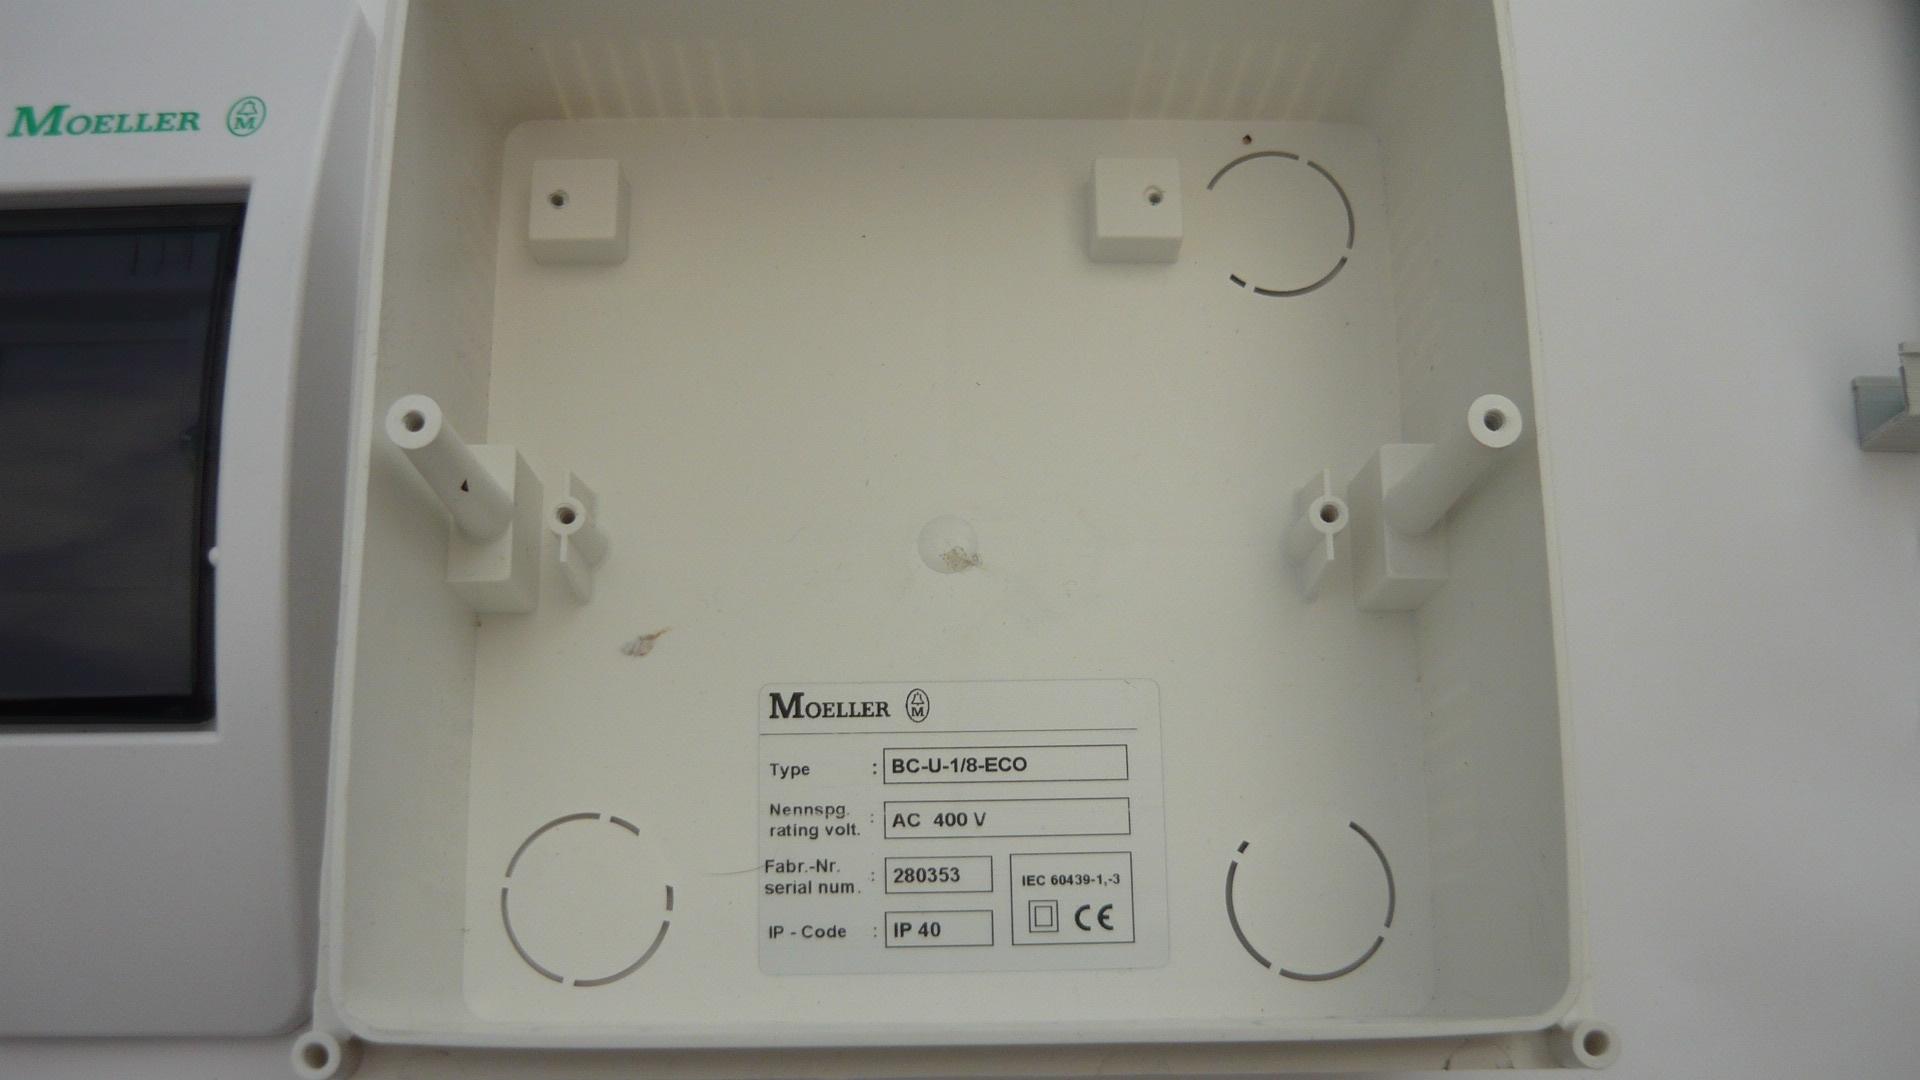 domotique , domotique ehouse - Moller inbox Exemple à BC Sécurité Installation - CHEZ - 1 / 8 - ECO